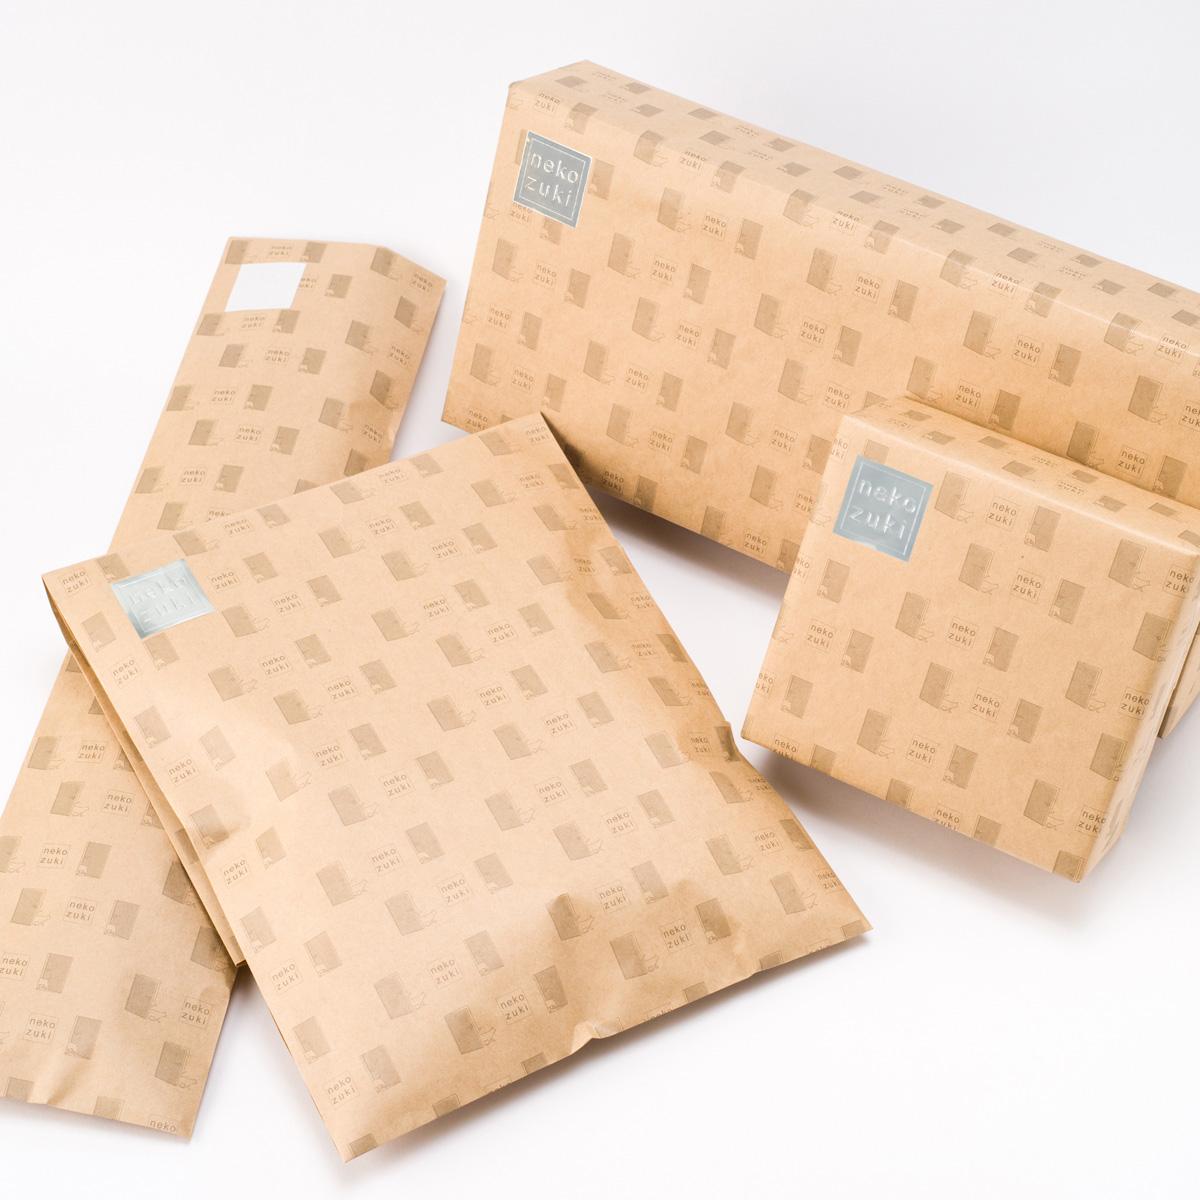 大切な猫ちゃんへ心を込めた贈り物を ハンドメイドラッピングはラッピングご希望の商品にあわせて1つ1つ袋を手作りします ギフト包装 包装 定番 ラッピング 売り込み 猫